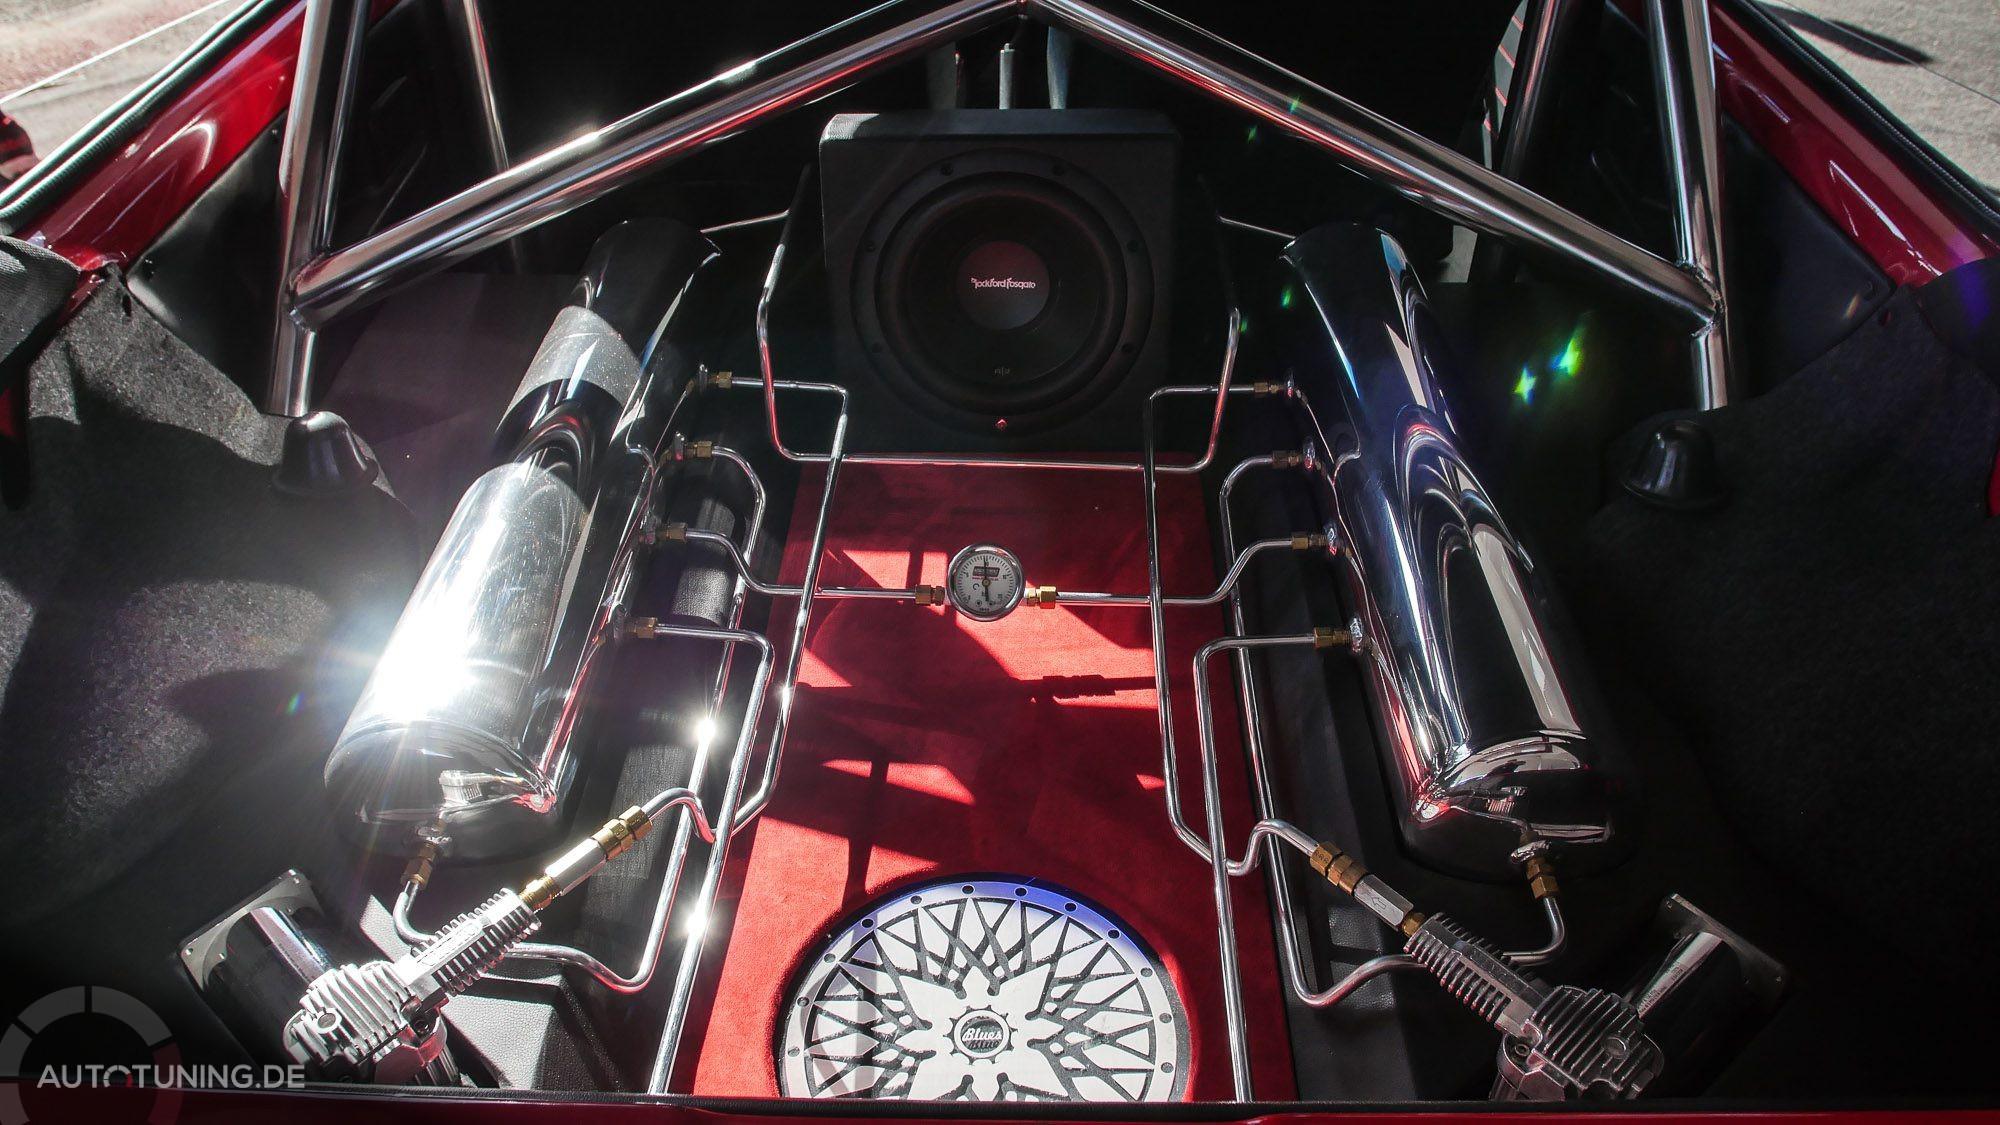 Innenleben des Golf Mk1 - Innenansicht